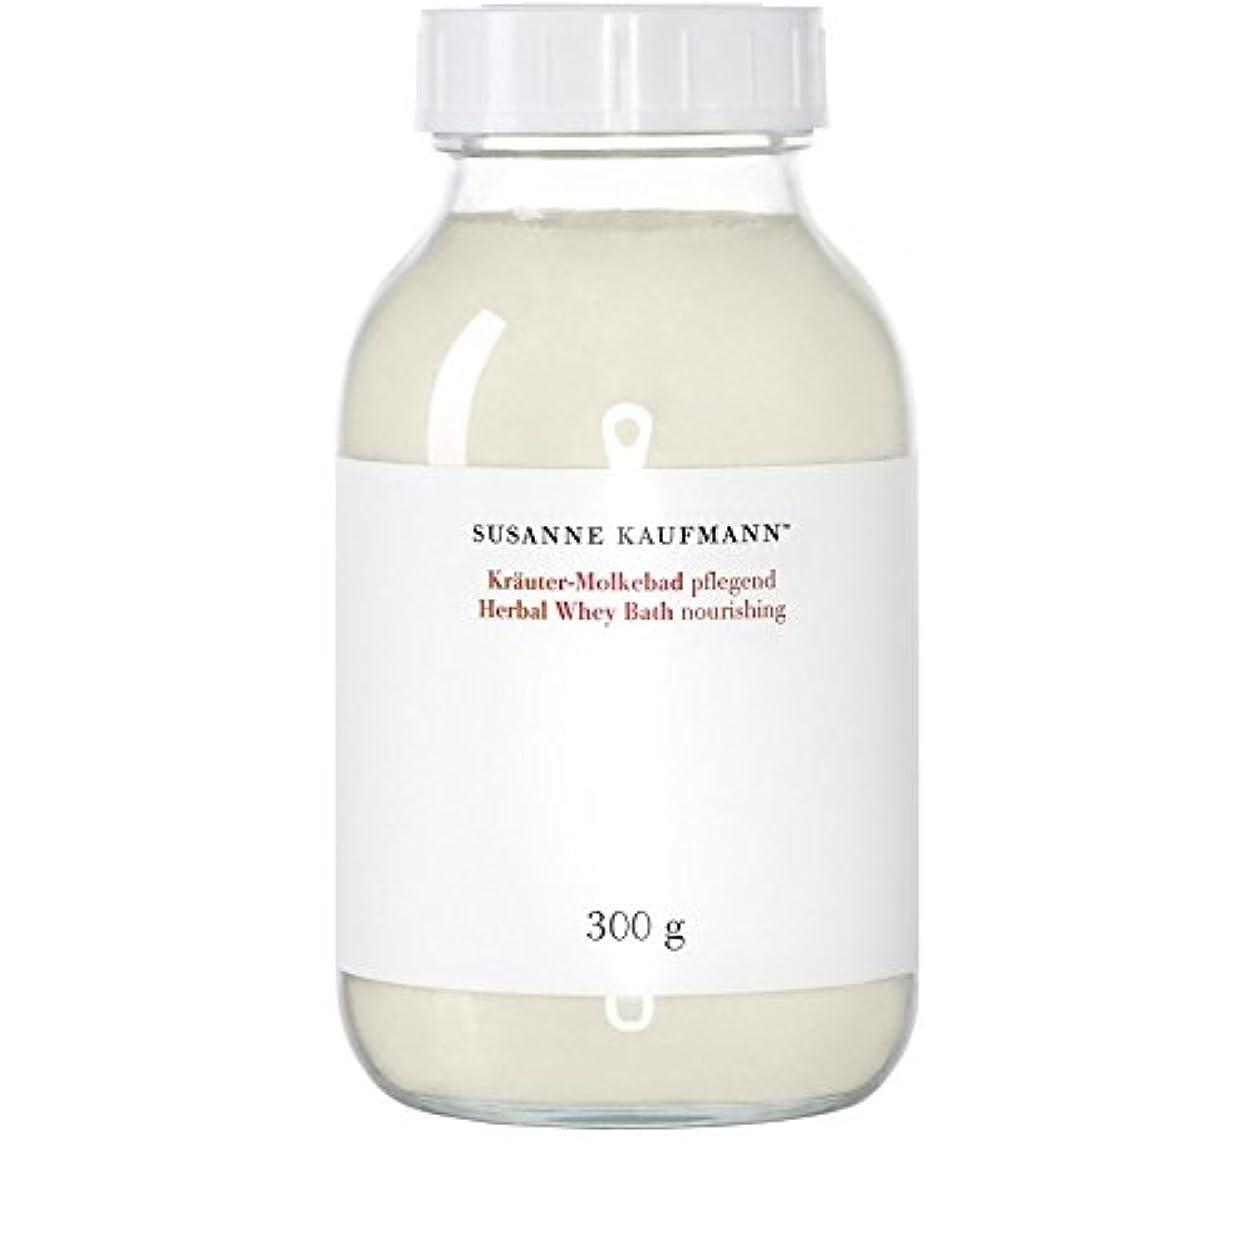 コンテストこれら海Susanne Kaufmann Nourishing Herbal Whey Bath 300g - スザンヌカウフマン栄養ハーブホエーバス300グラム [並行輸入品]